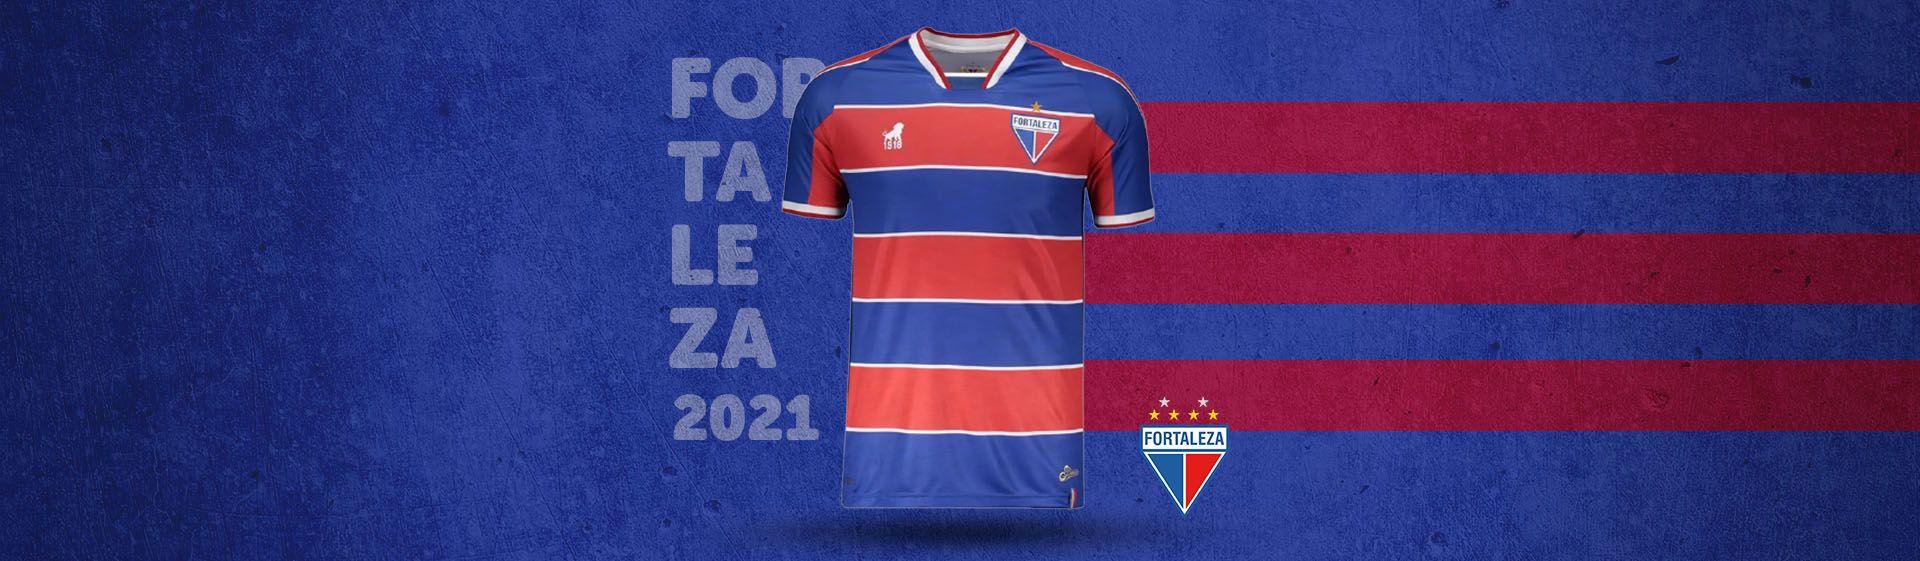 Camisa do Fortaleza: camisas do Fortaleza para comprar em 2021